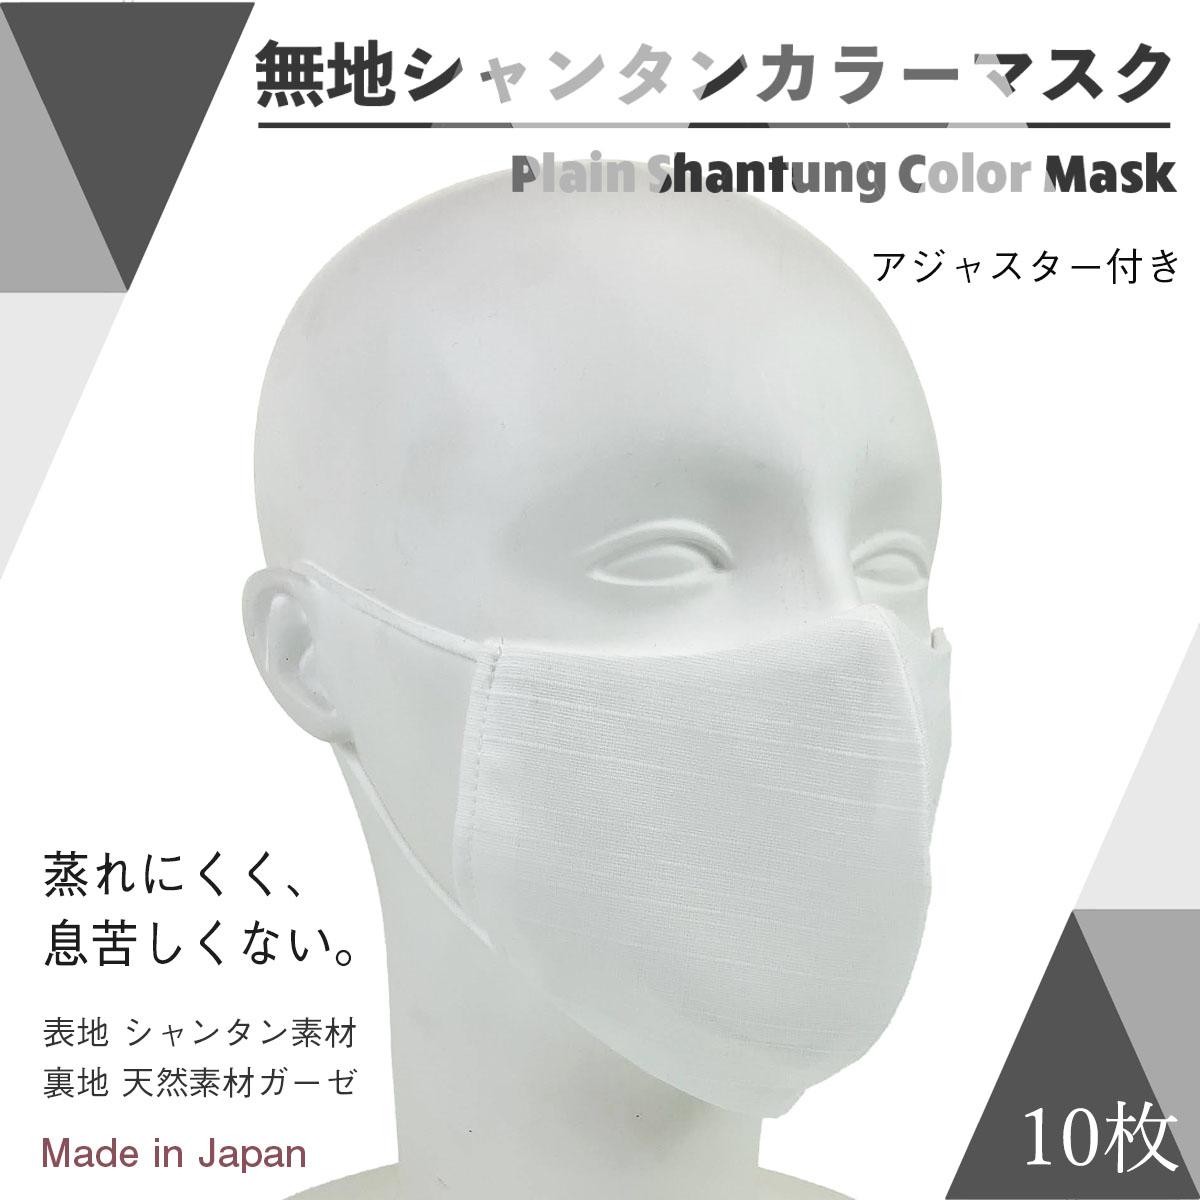 情報 マスク 在庫 com